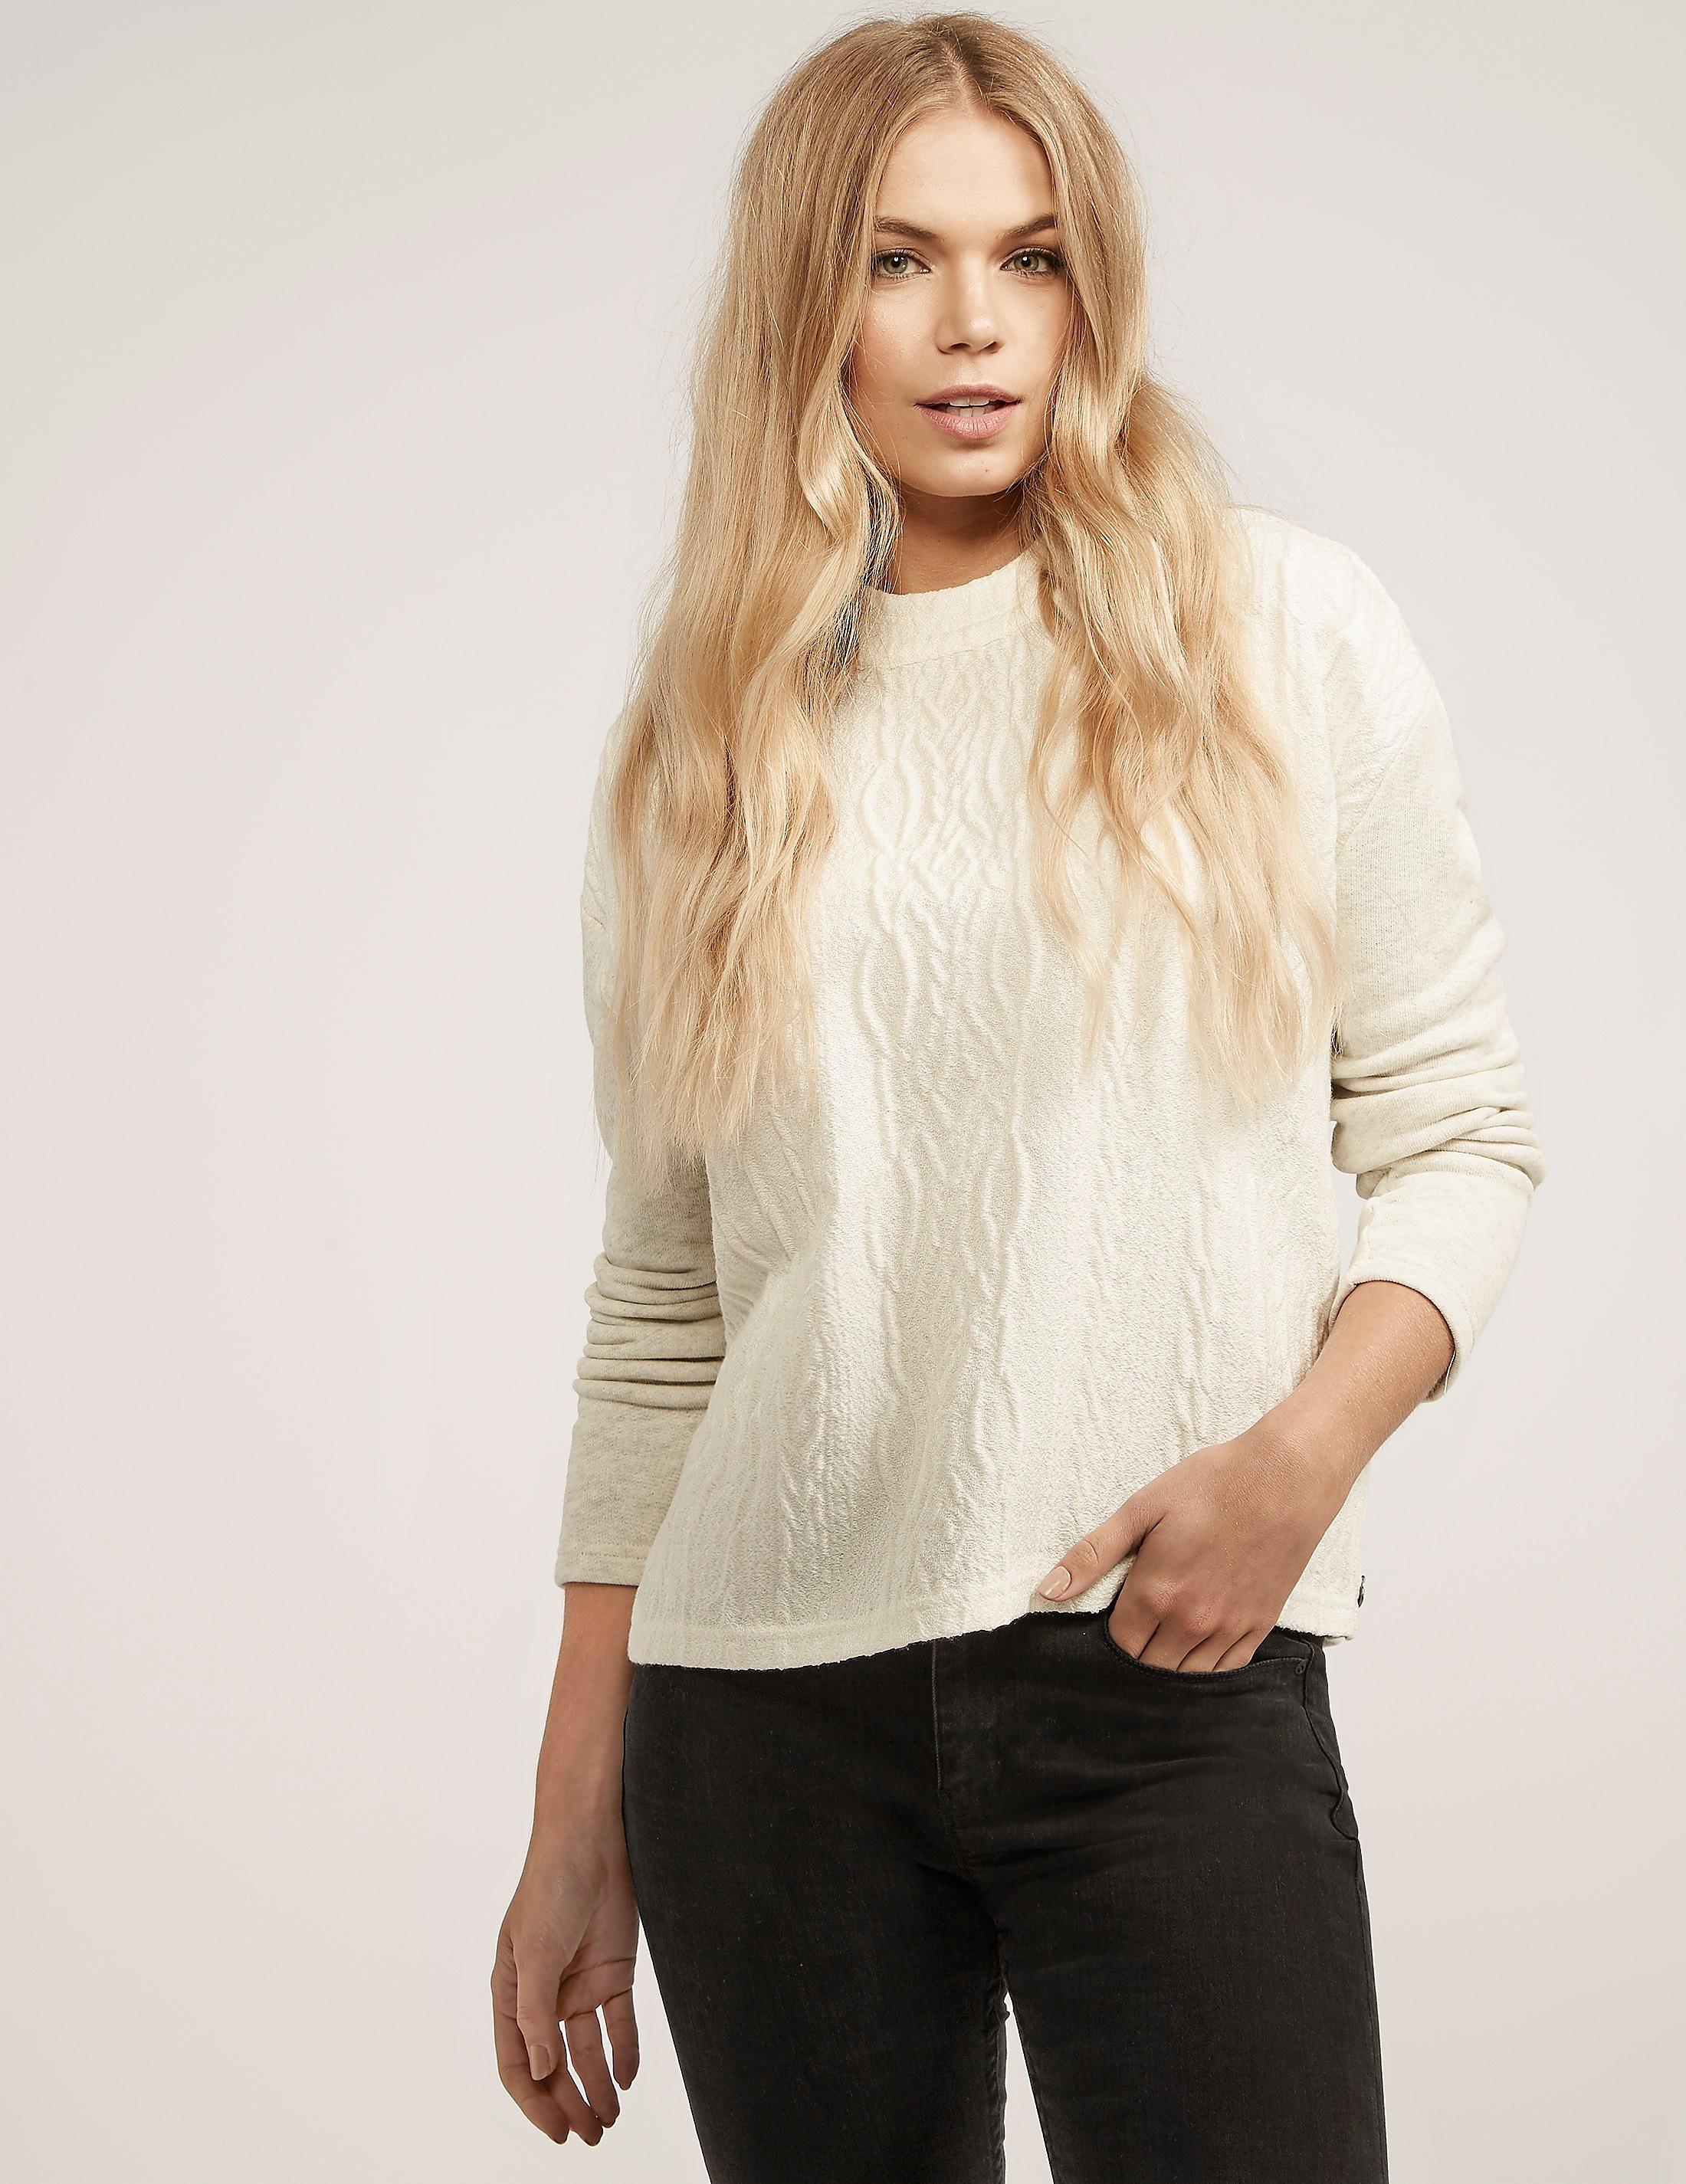 Maison Scotch Cable Front Sweatshirt